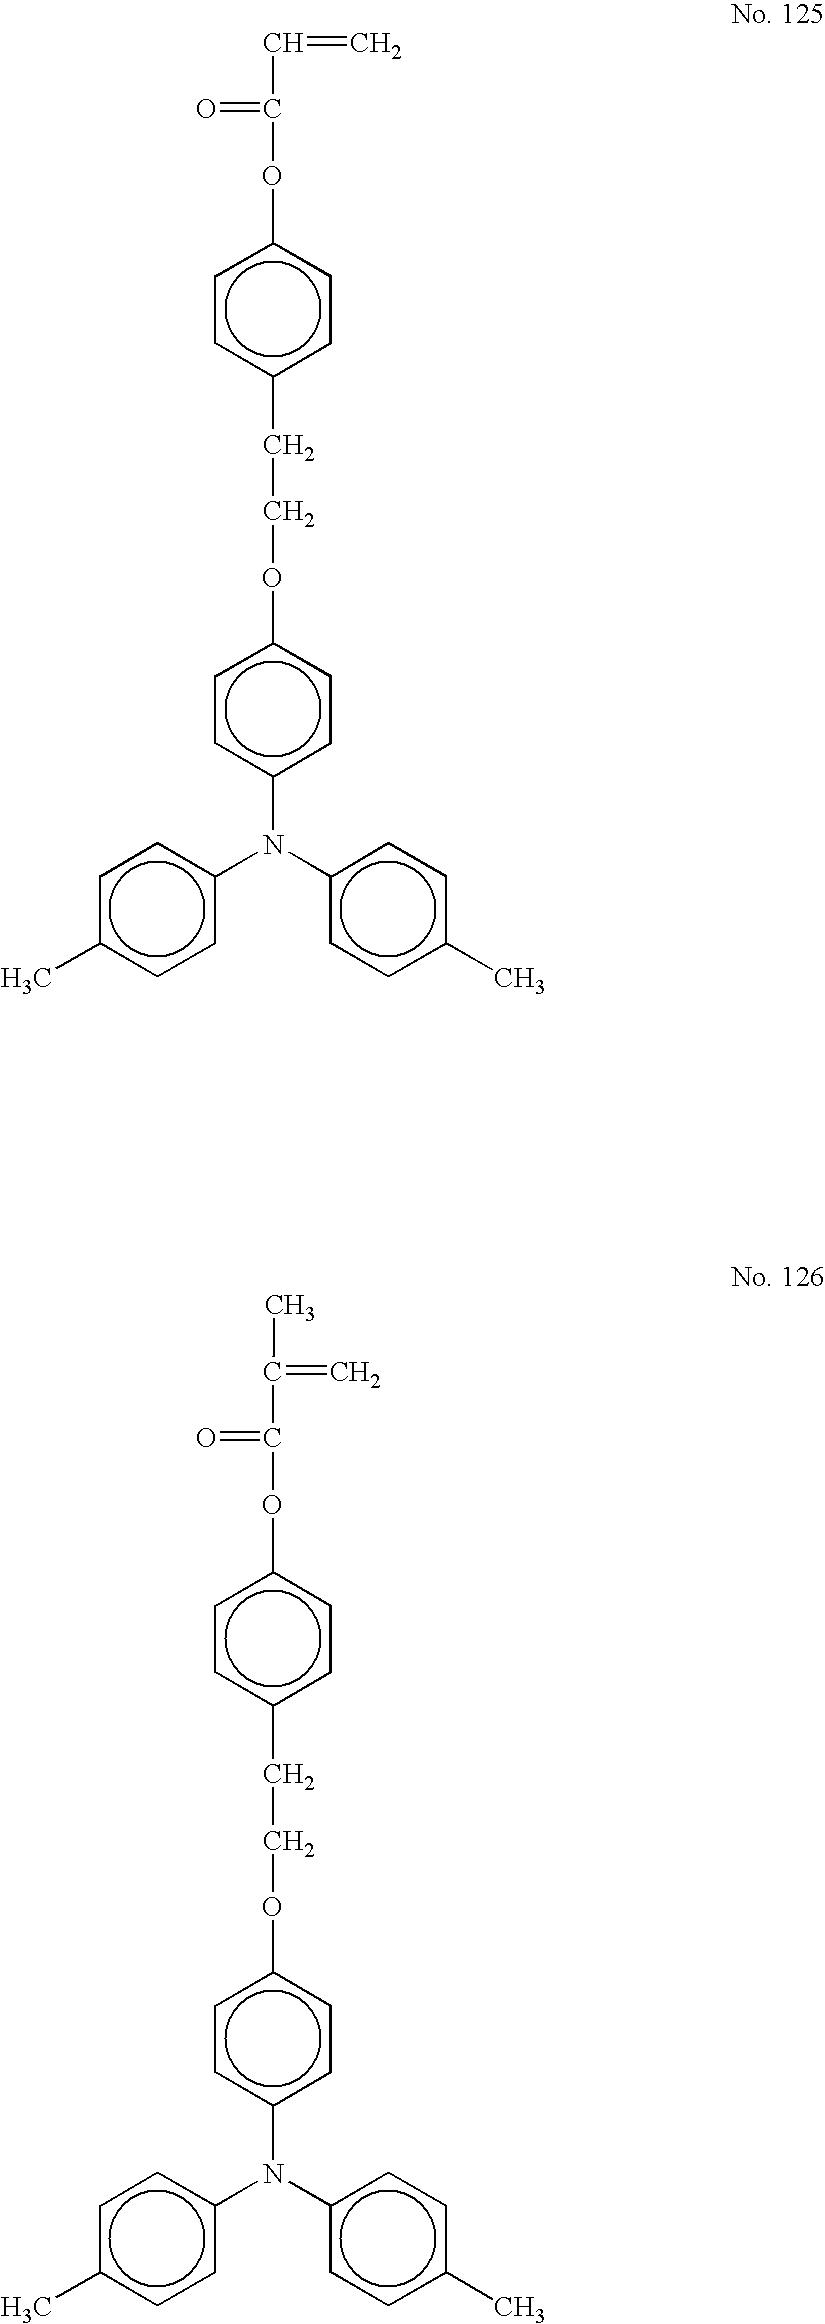 Figure US07175957-20070213-C00056